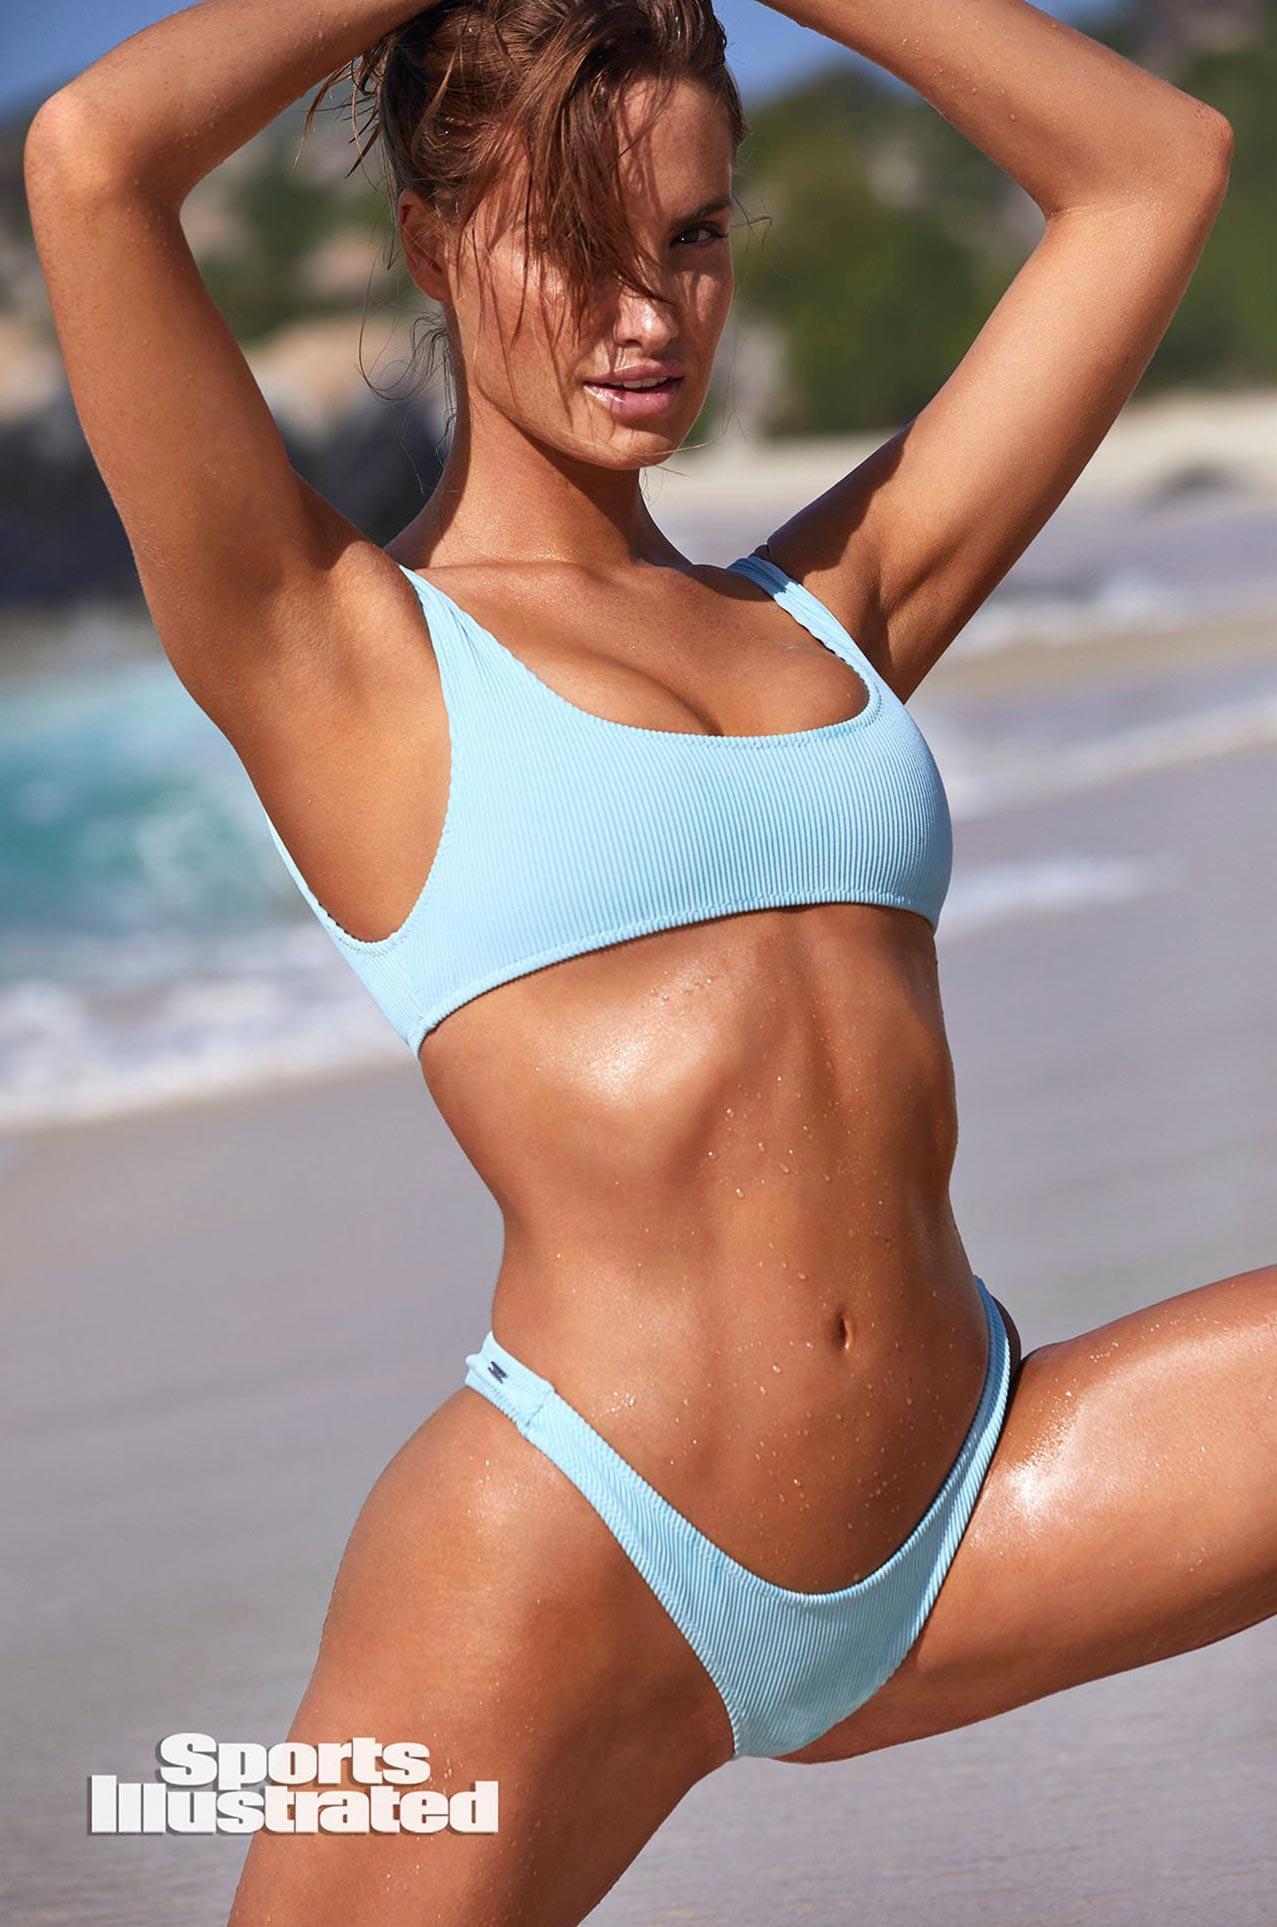 Хейли Калил в каталоге купальников Sports Illustrated Swimsuit 2020 / фото 13